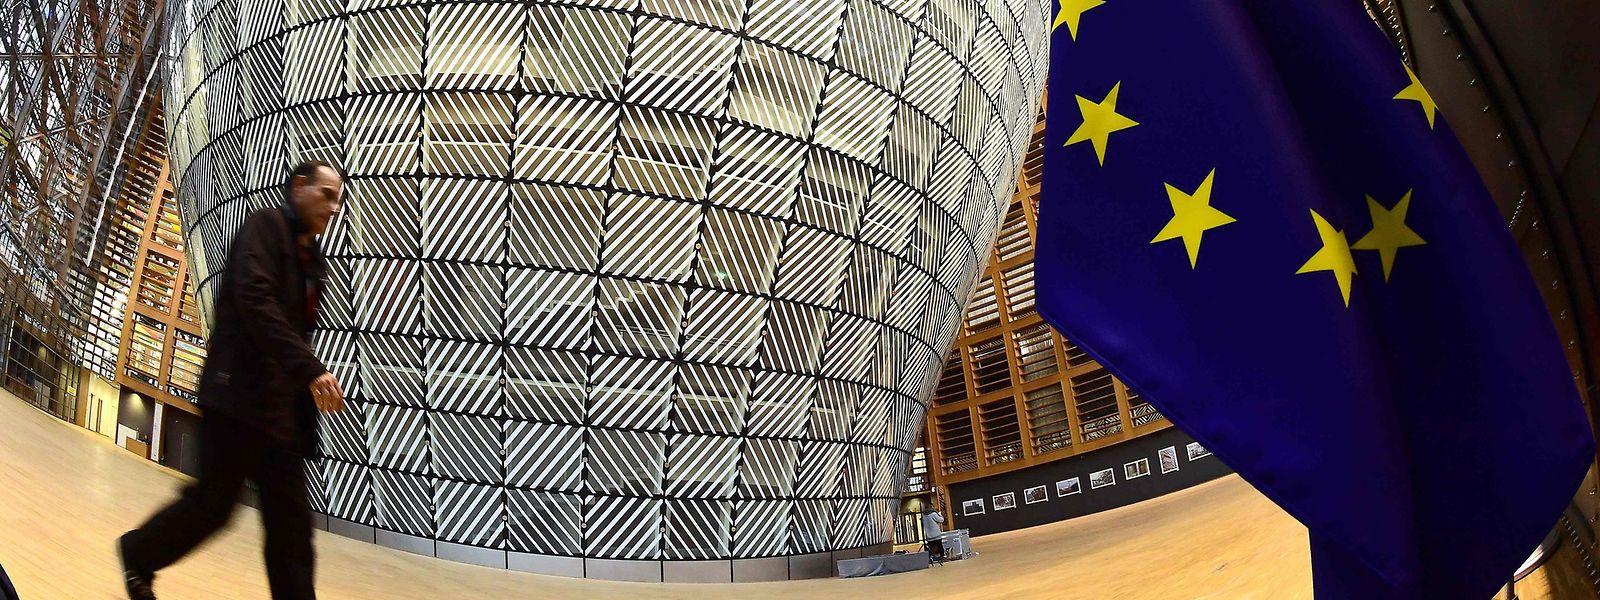 Bei Steuerfragen kommt die EU nur langsam voran. Für die EU-Kommission ist die herrschende Einstimmigkeitsregel schuld daran.